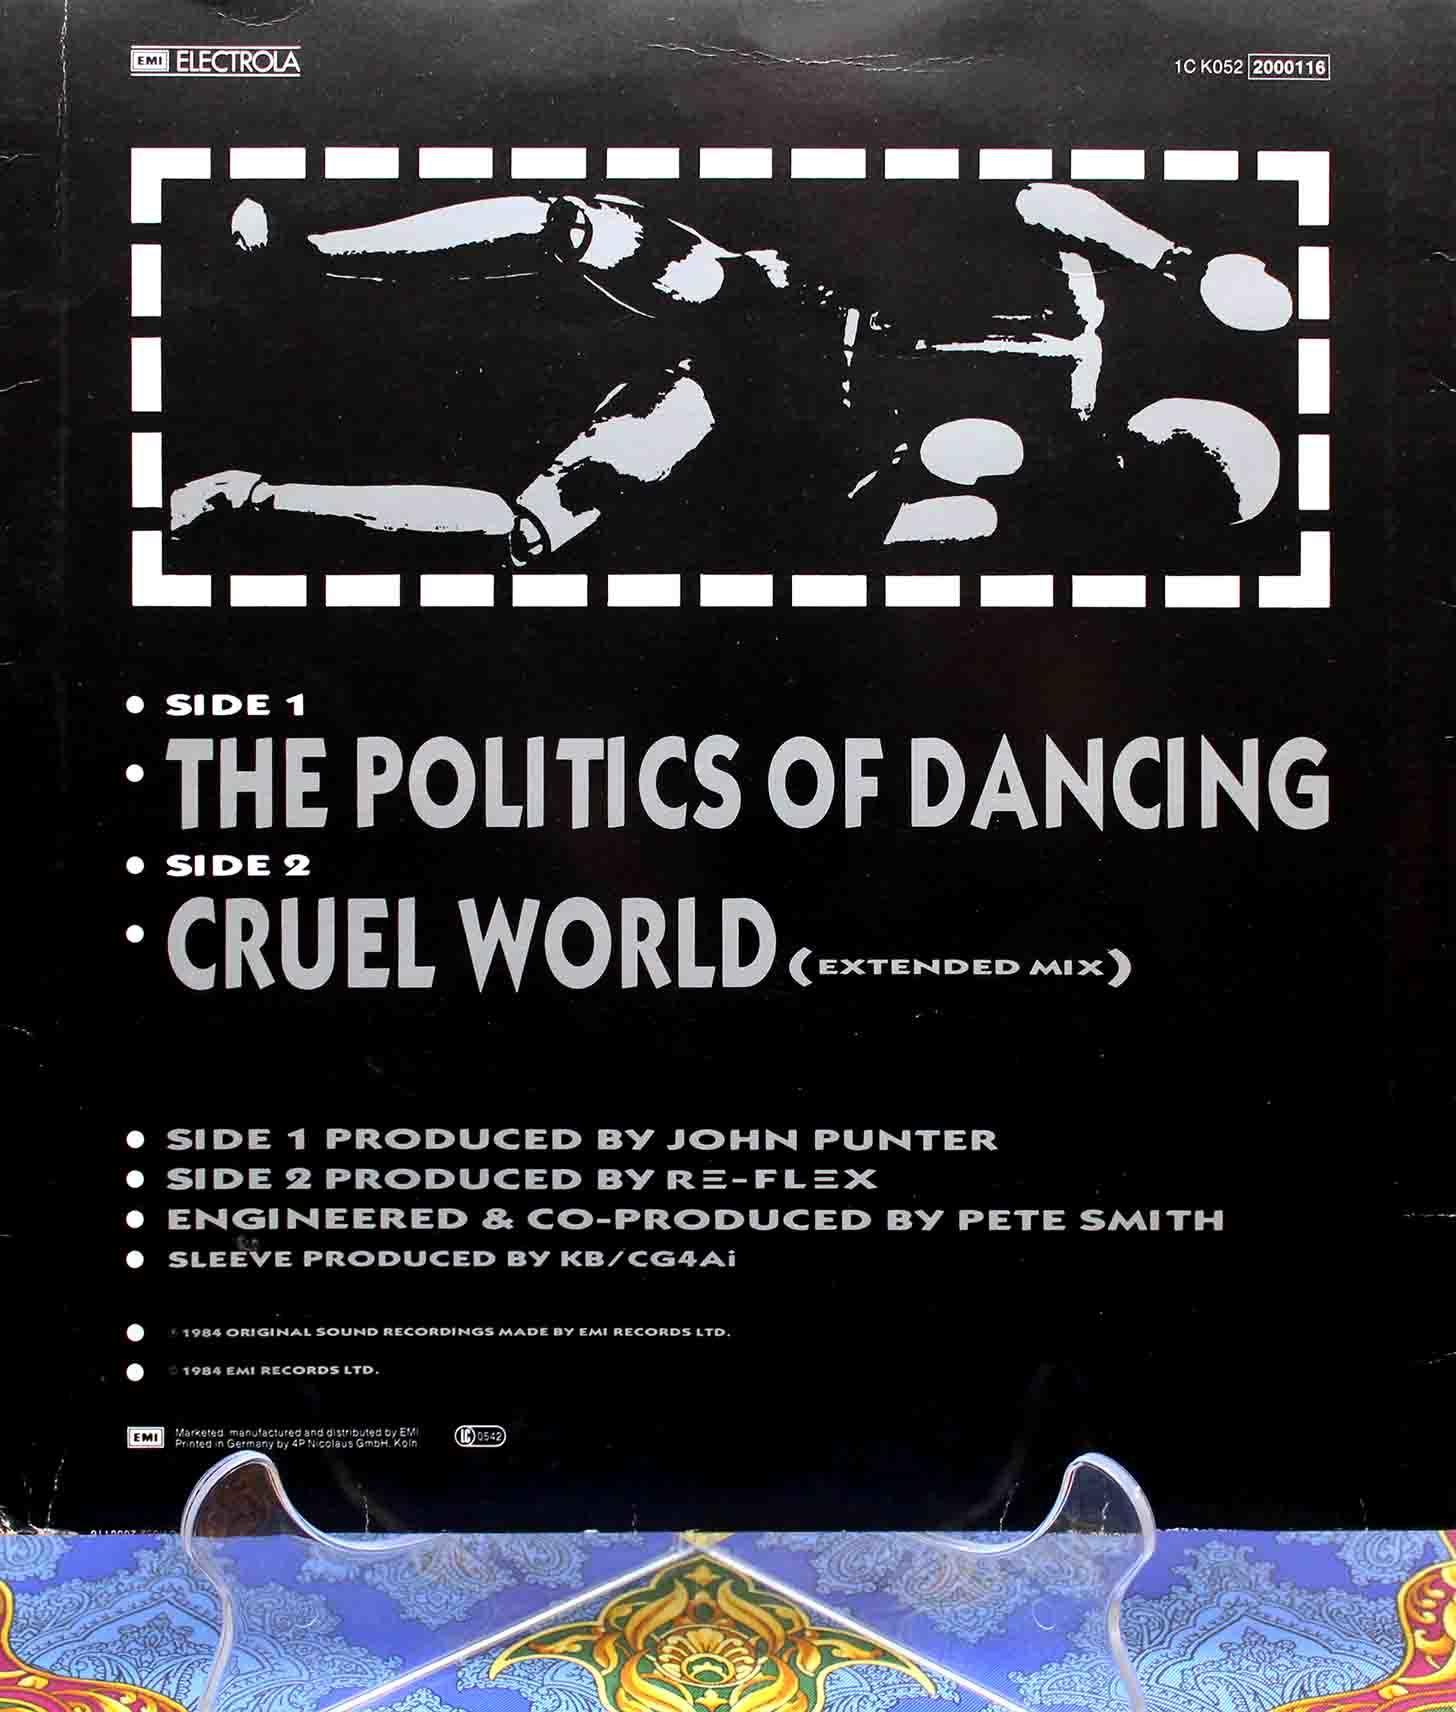 Re-flex The Politics of Dancing 02